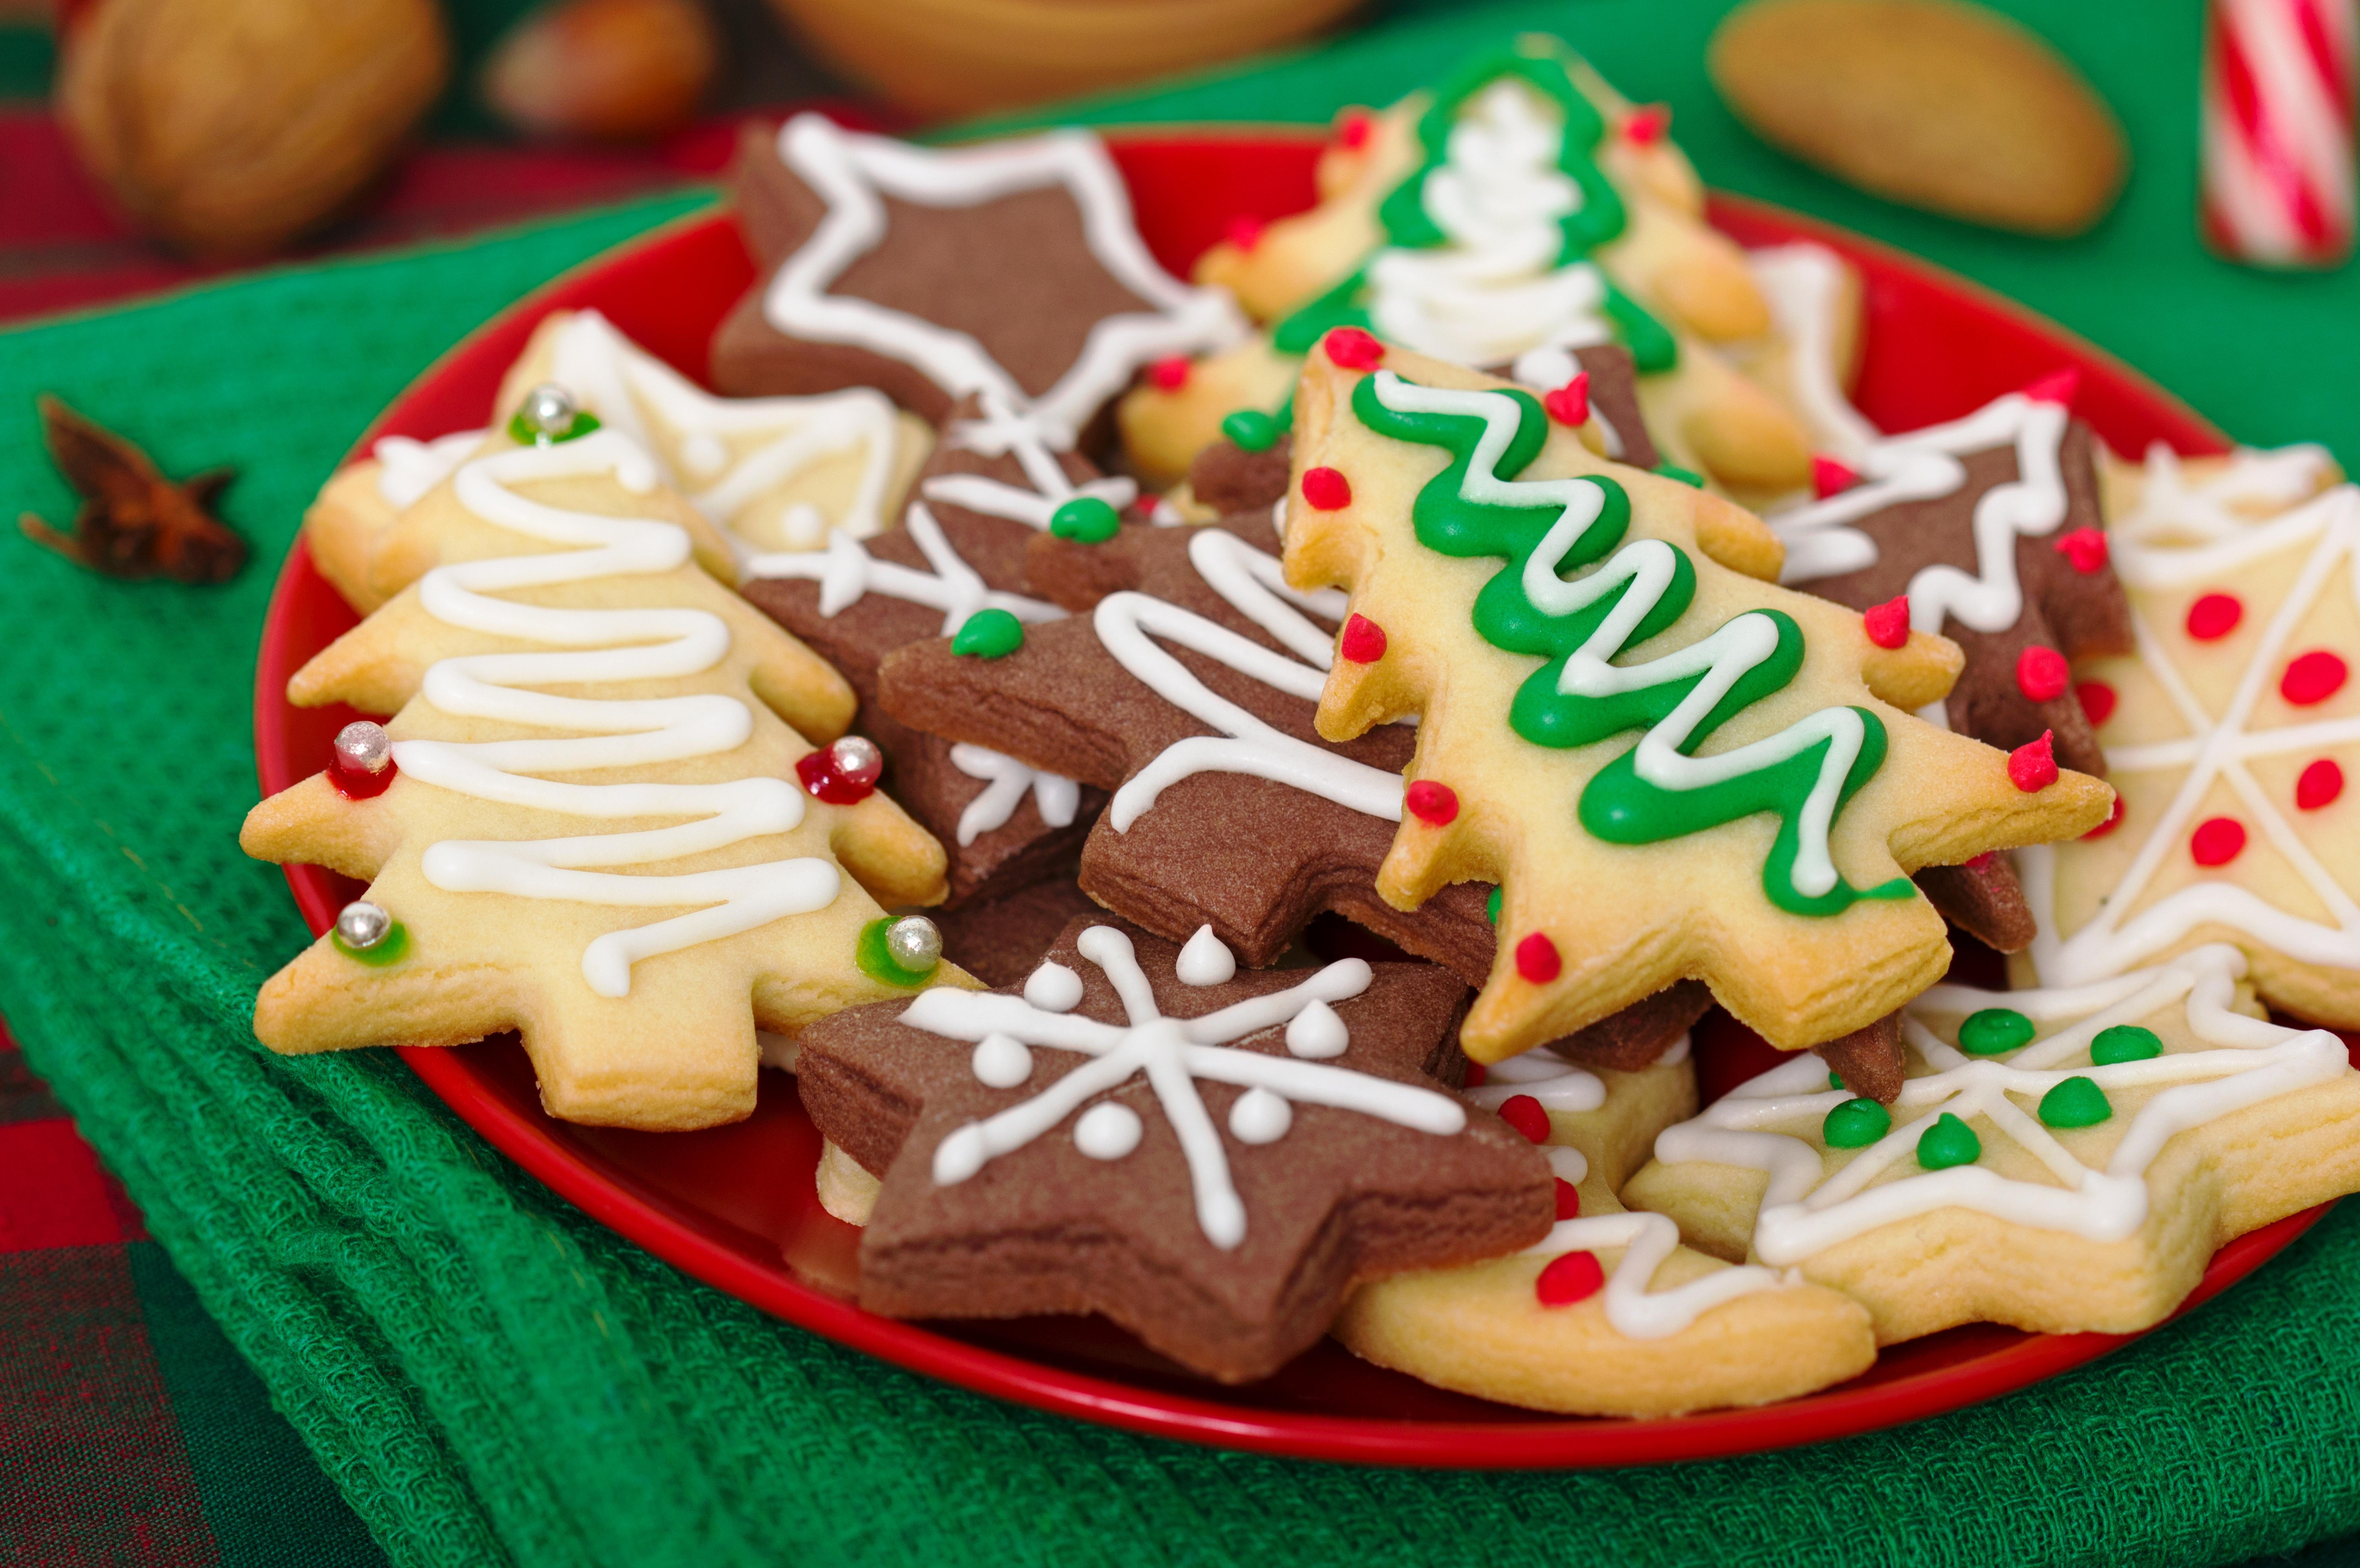 тогда новогодние сладости рецепт с фото максимум что хватало